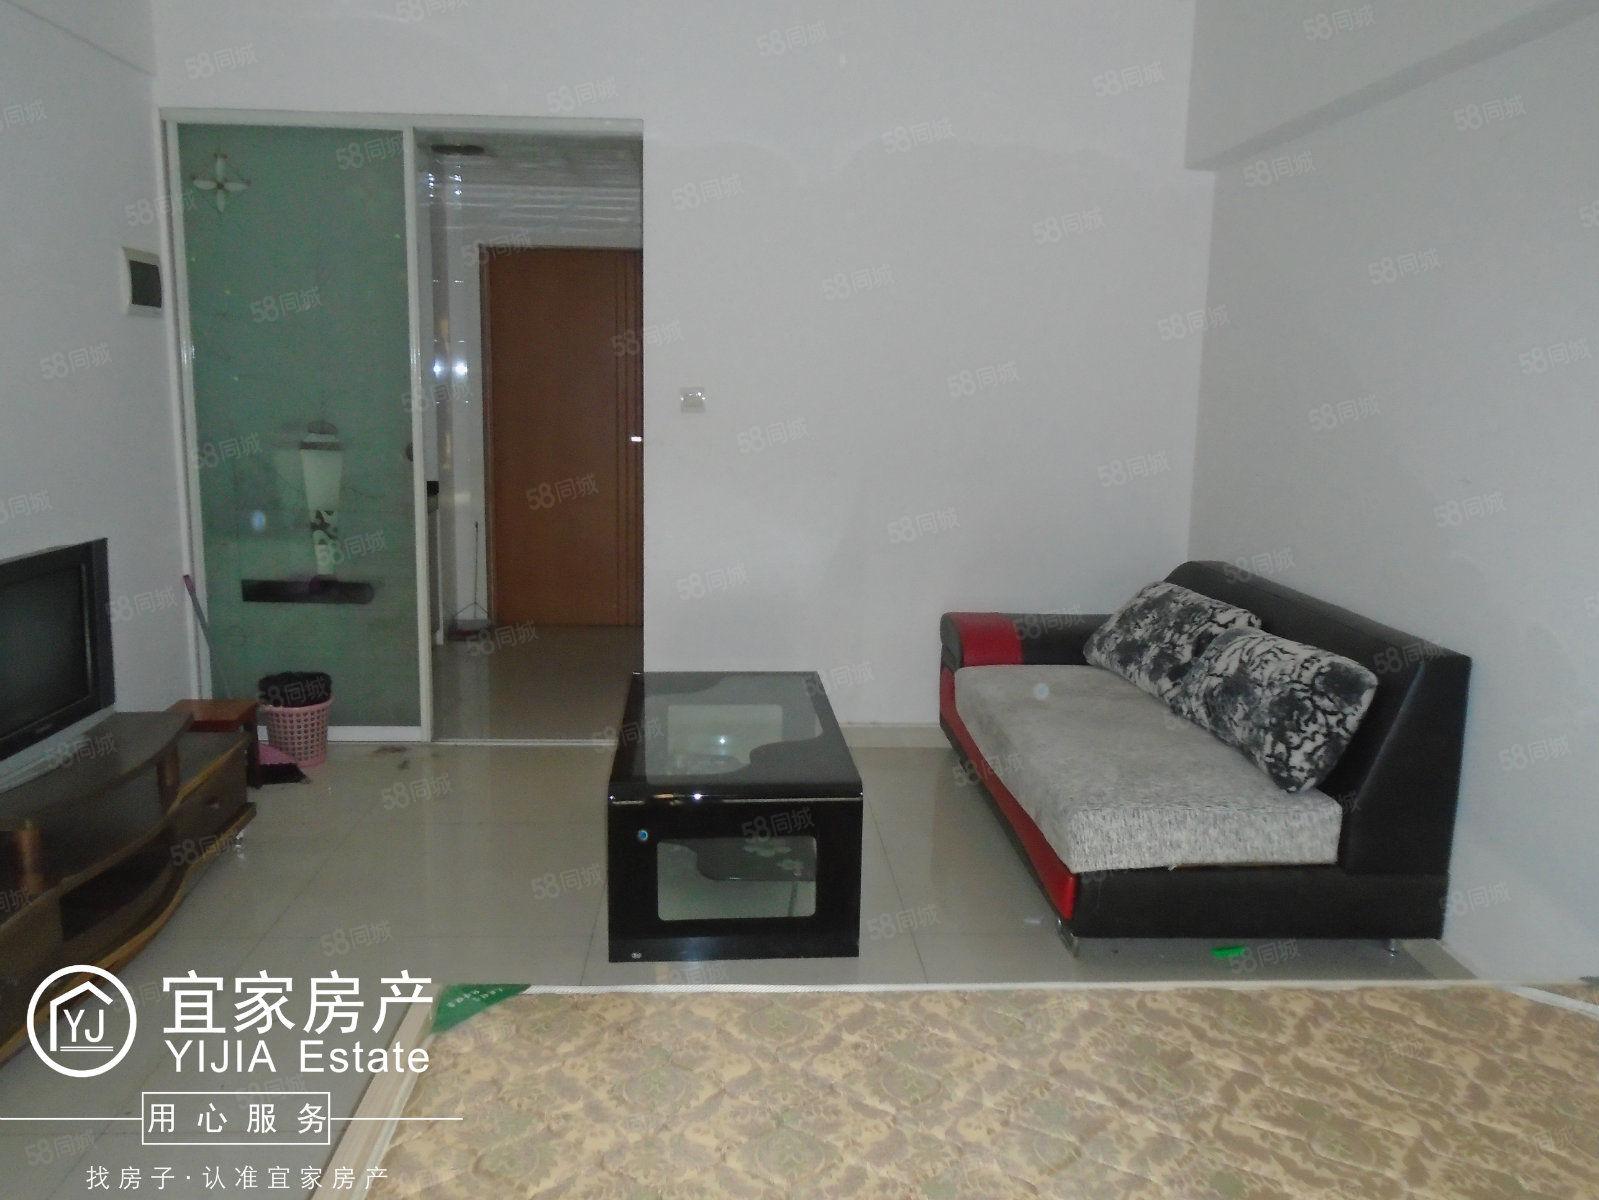 时代广场、1室1厅1卫、精装修、单身公寓、带全套家具澳门金沙平台